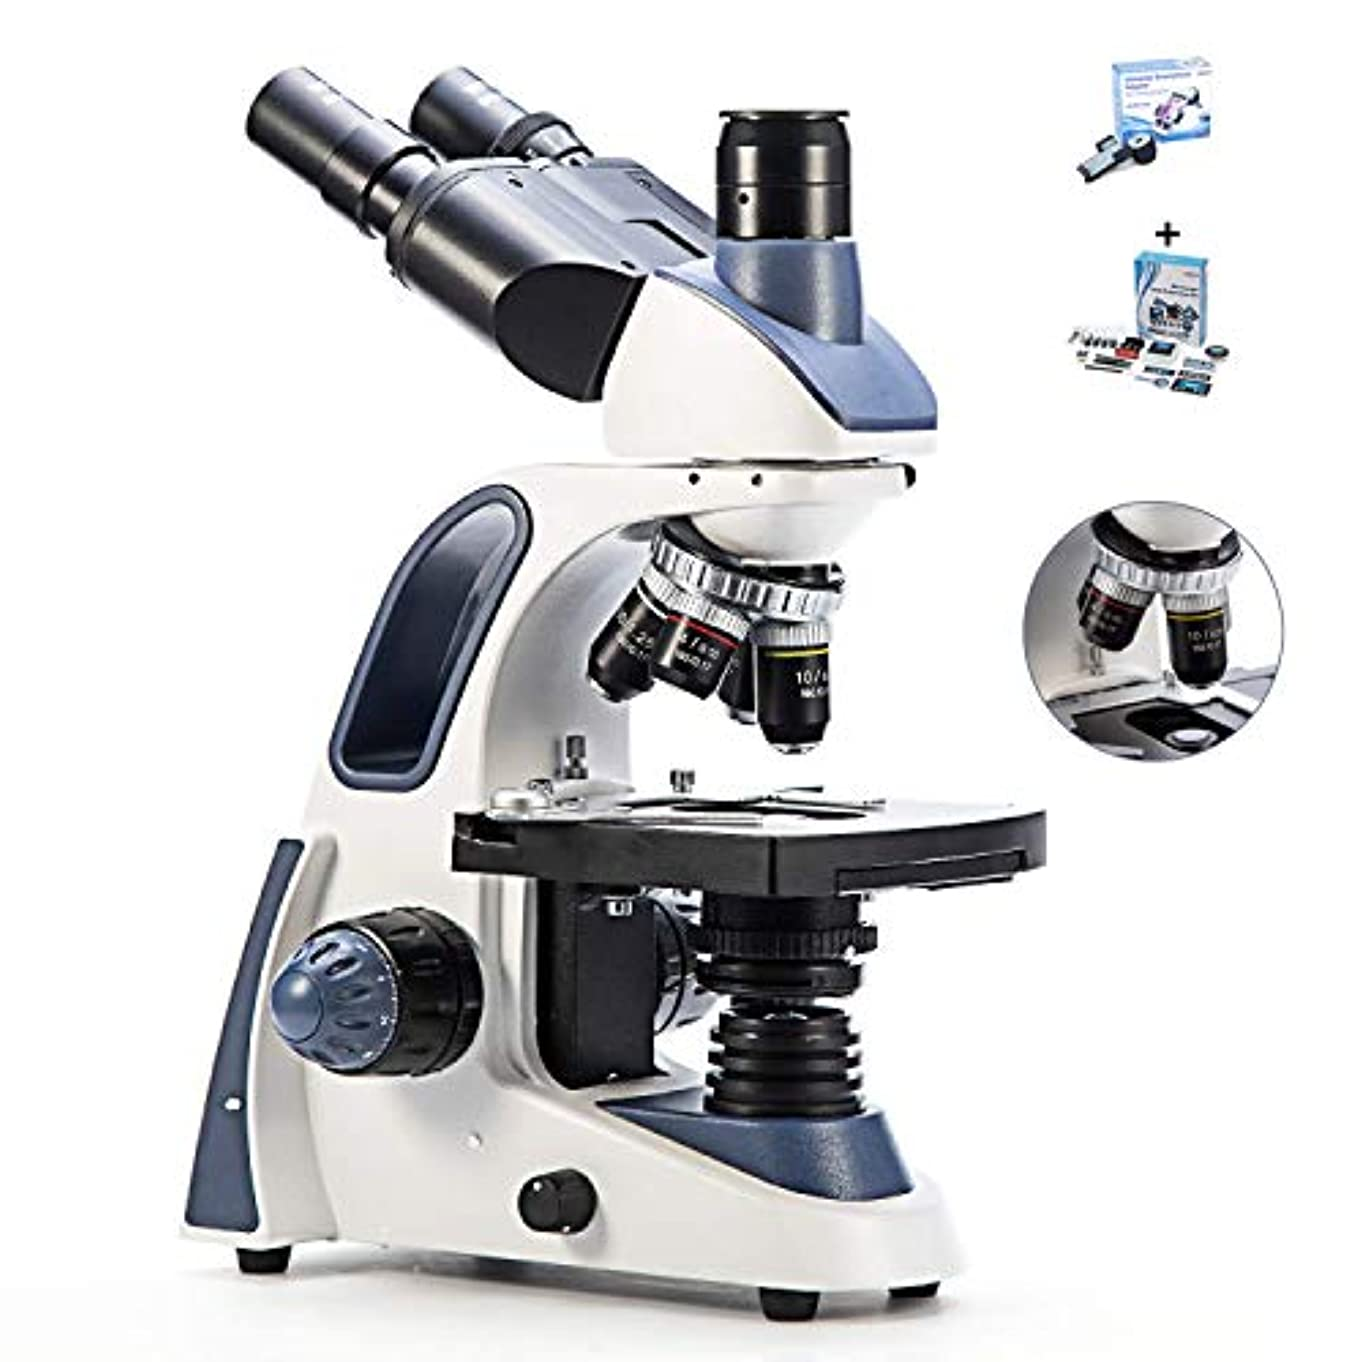 シャンプー複製残り物複眼双眼顕微鏡 学生用顕微鏡拡大鏡 40倍?2500倍の倍率、 メカニカルステージ、 超精密フォーカシング、 広視野10倍および25倍接眼レンズ付き